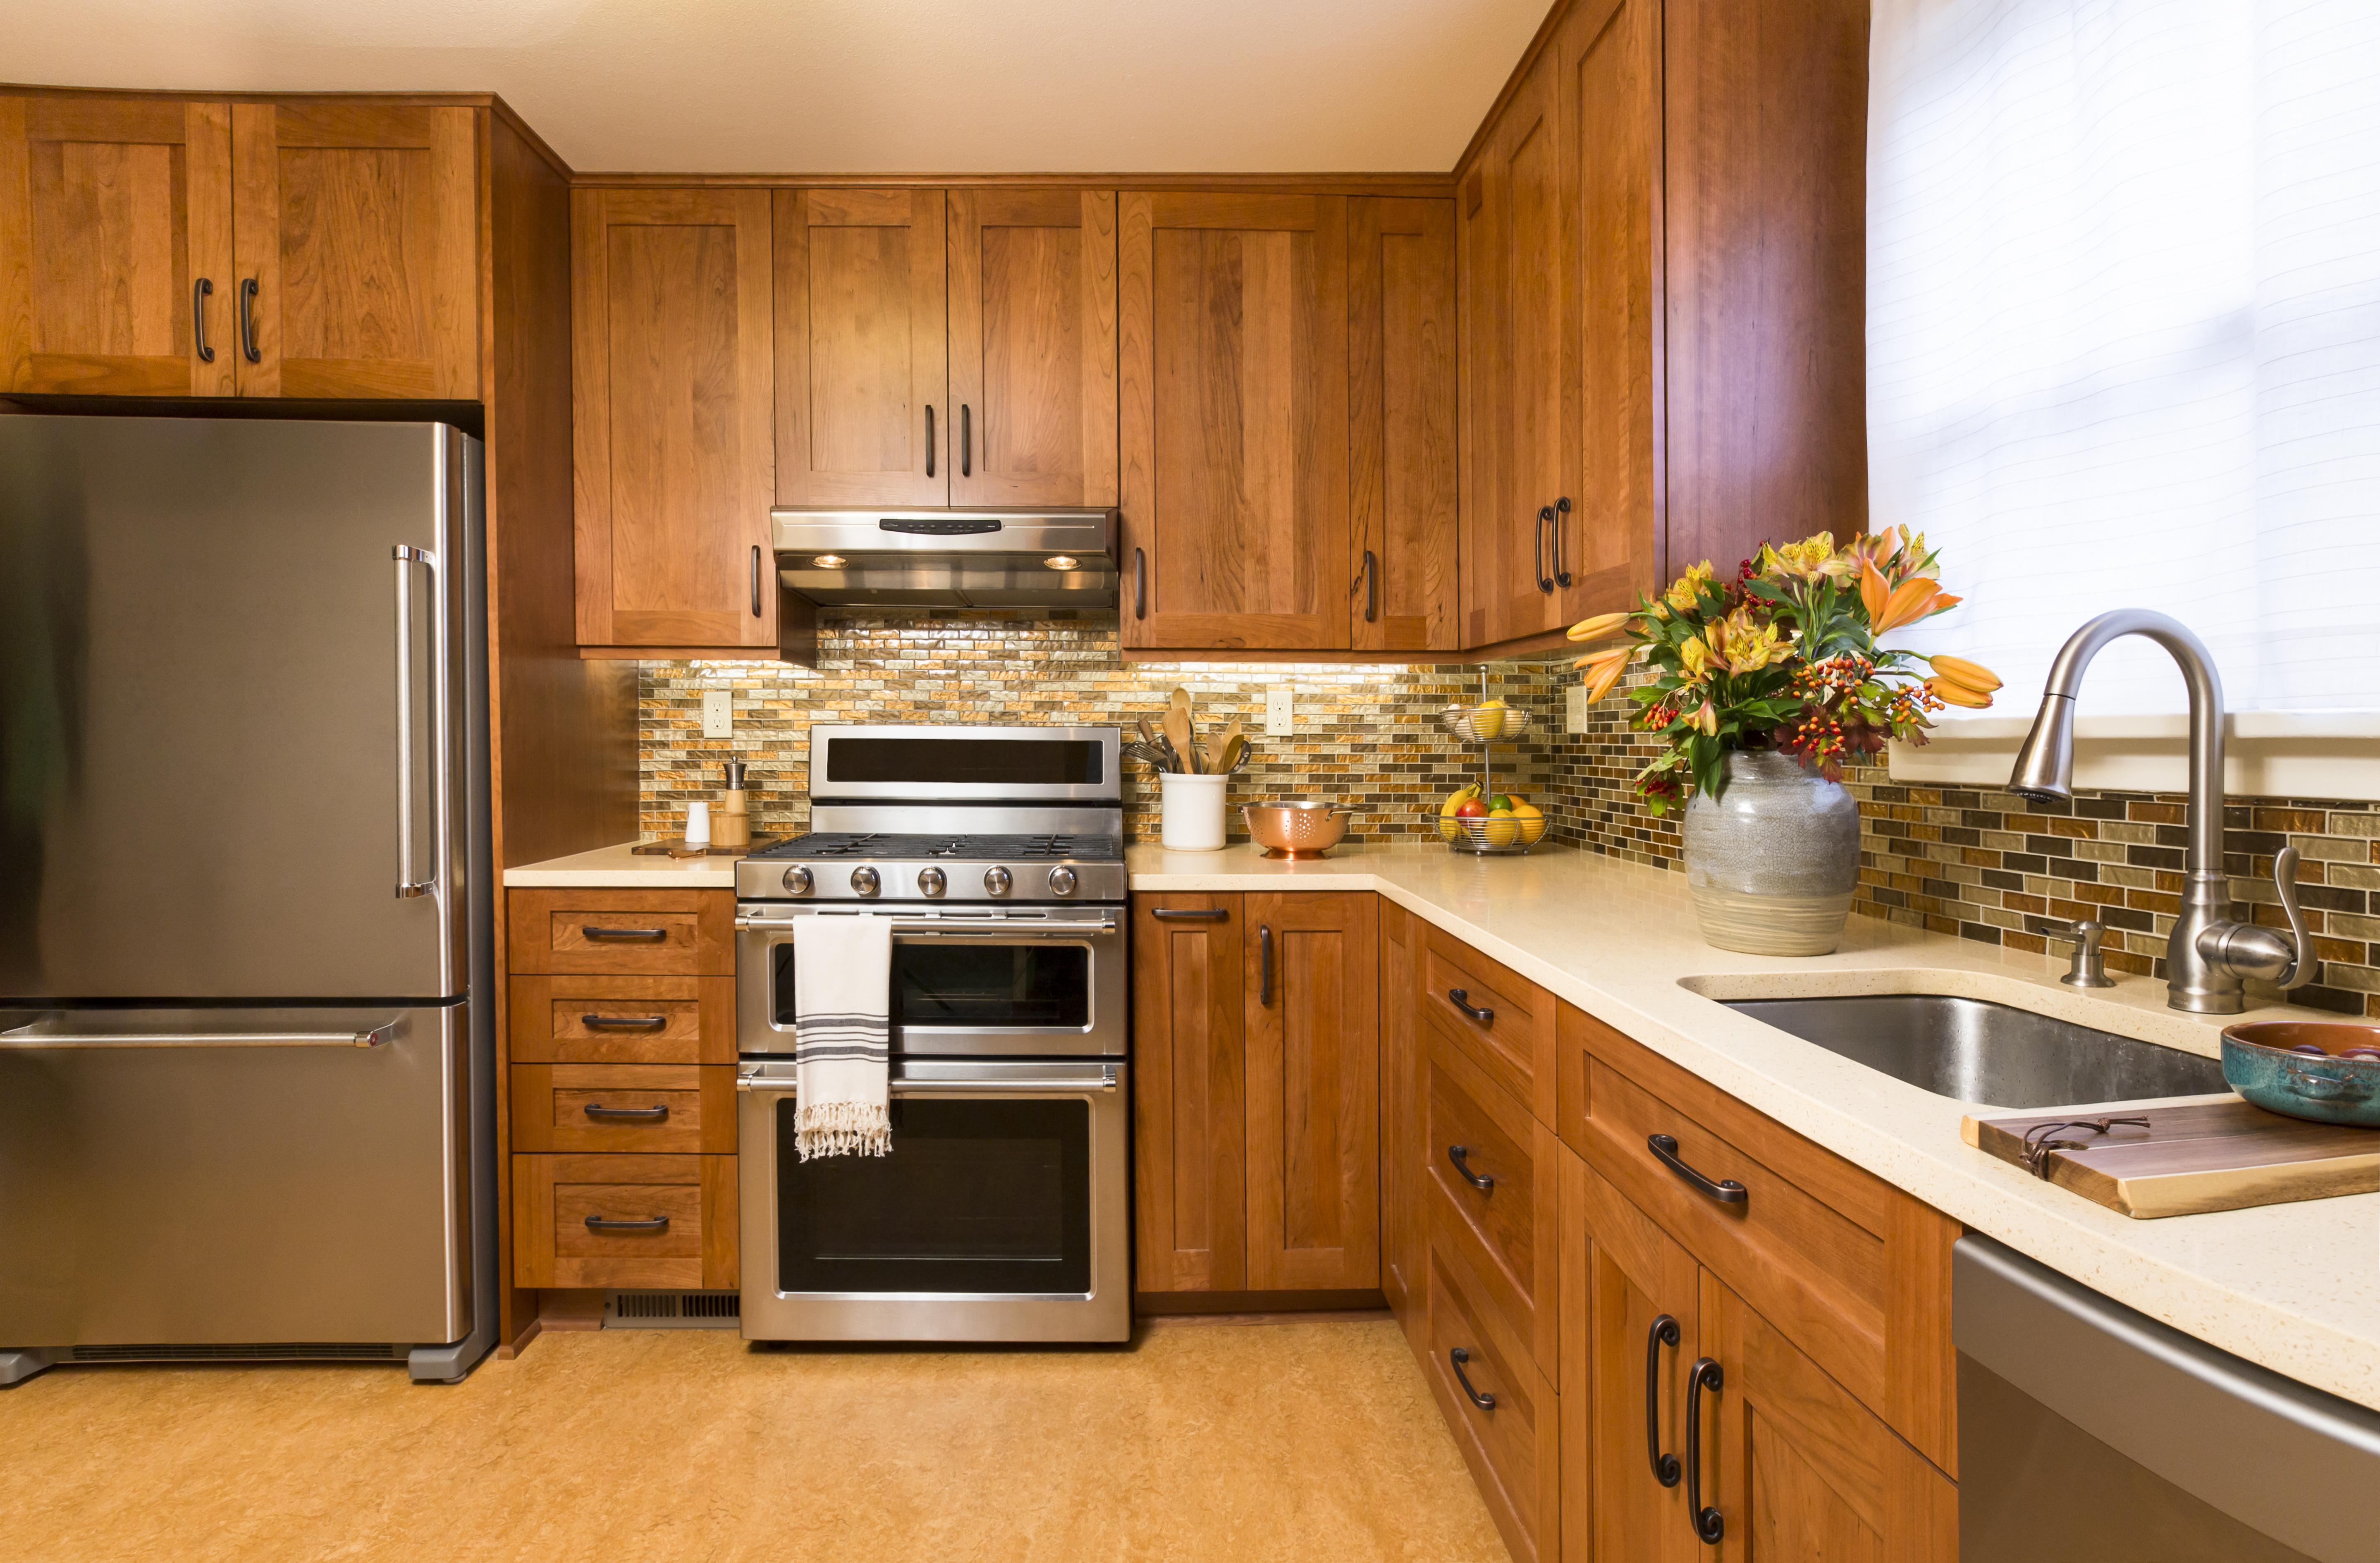 Alder Wood Kitchen Cabinets About Alder Wood Cabinets | Hunker